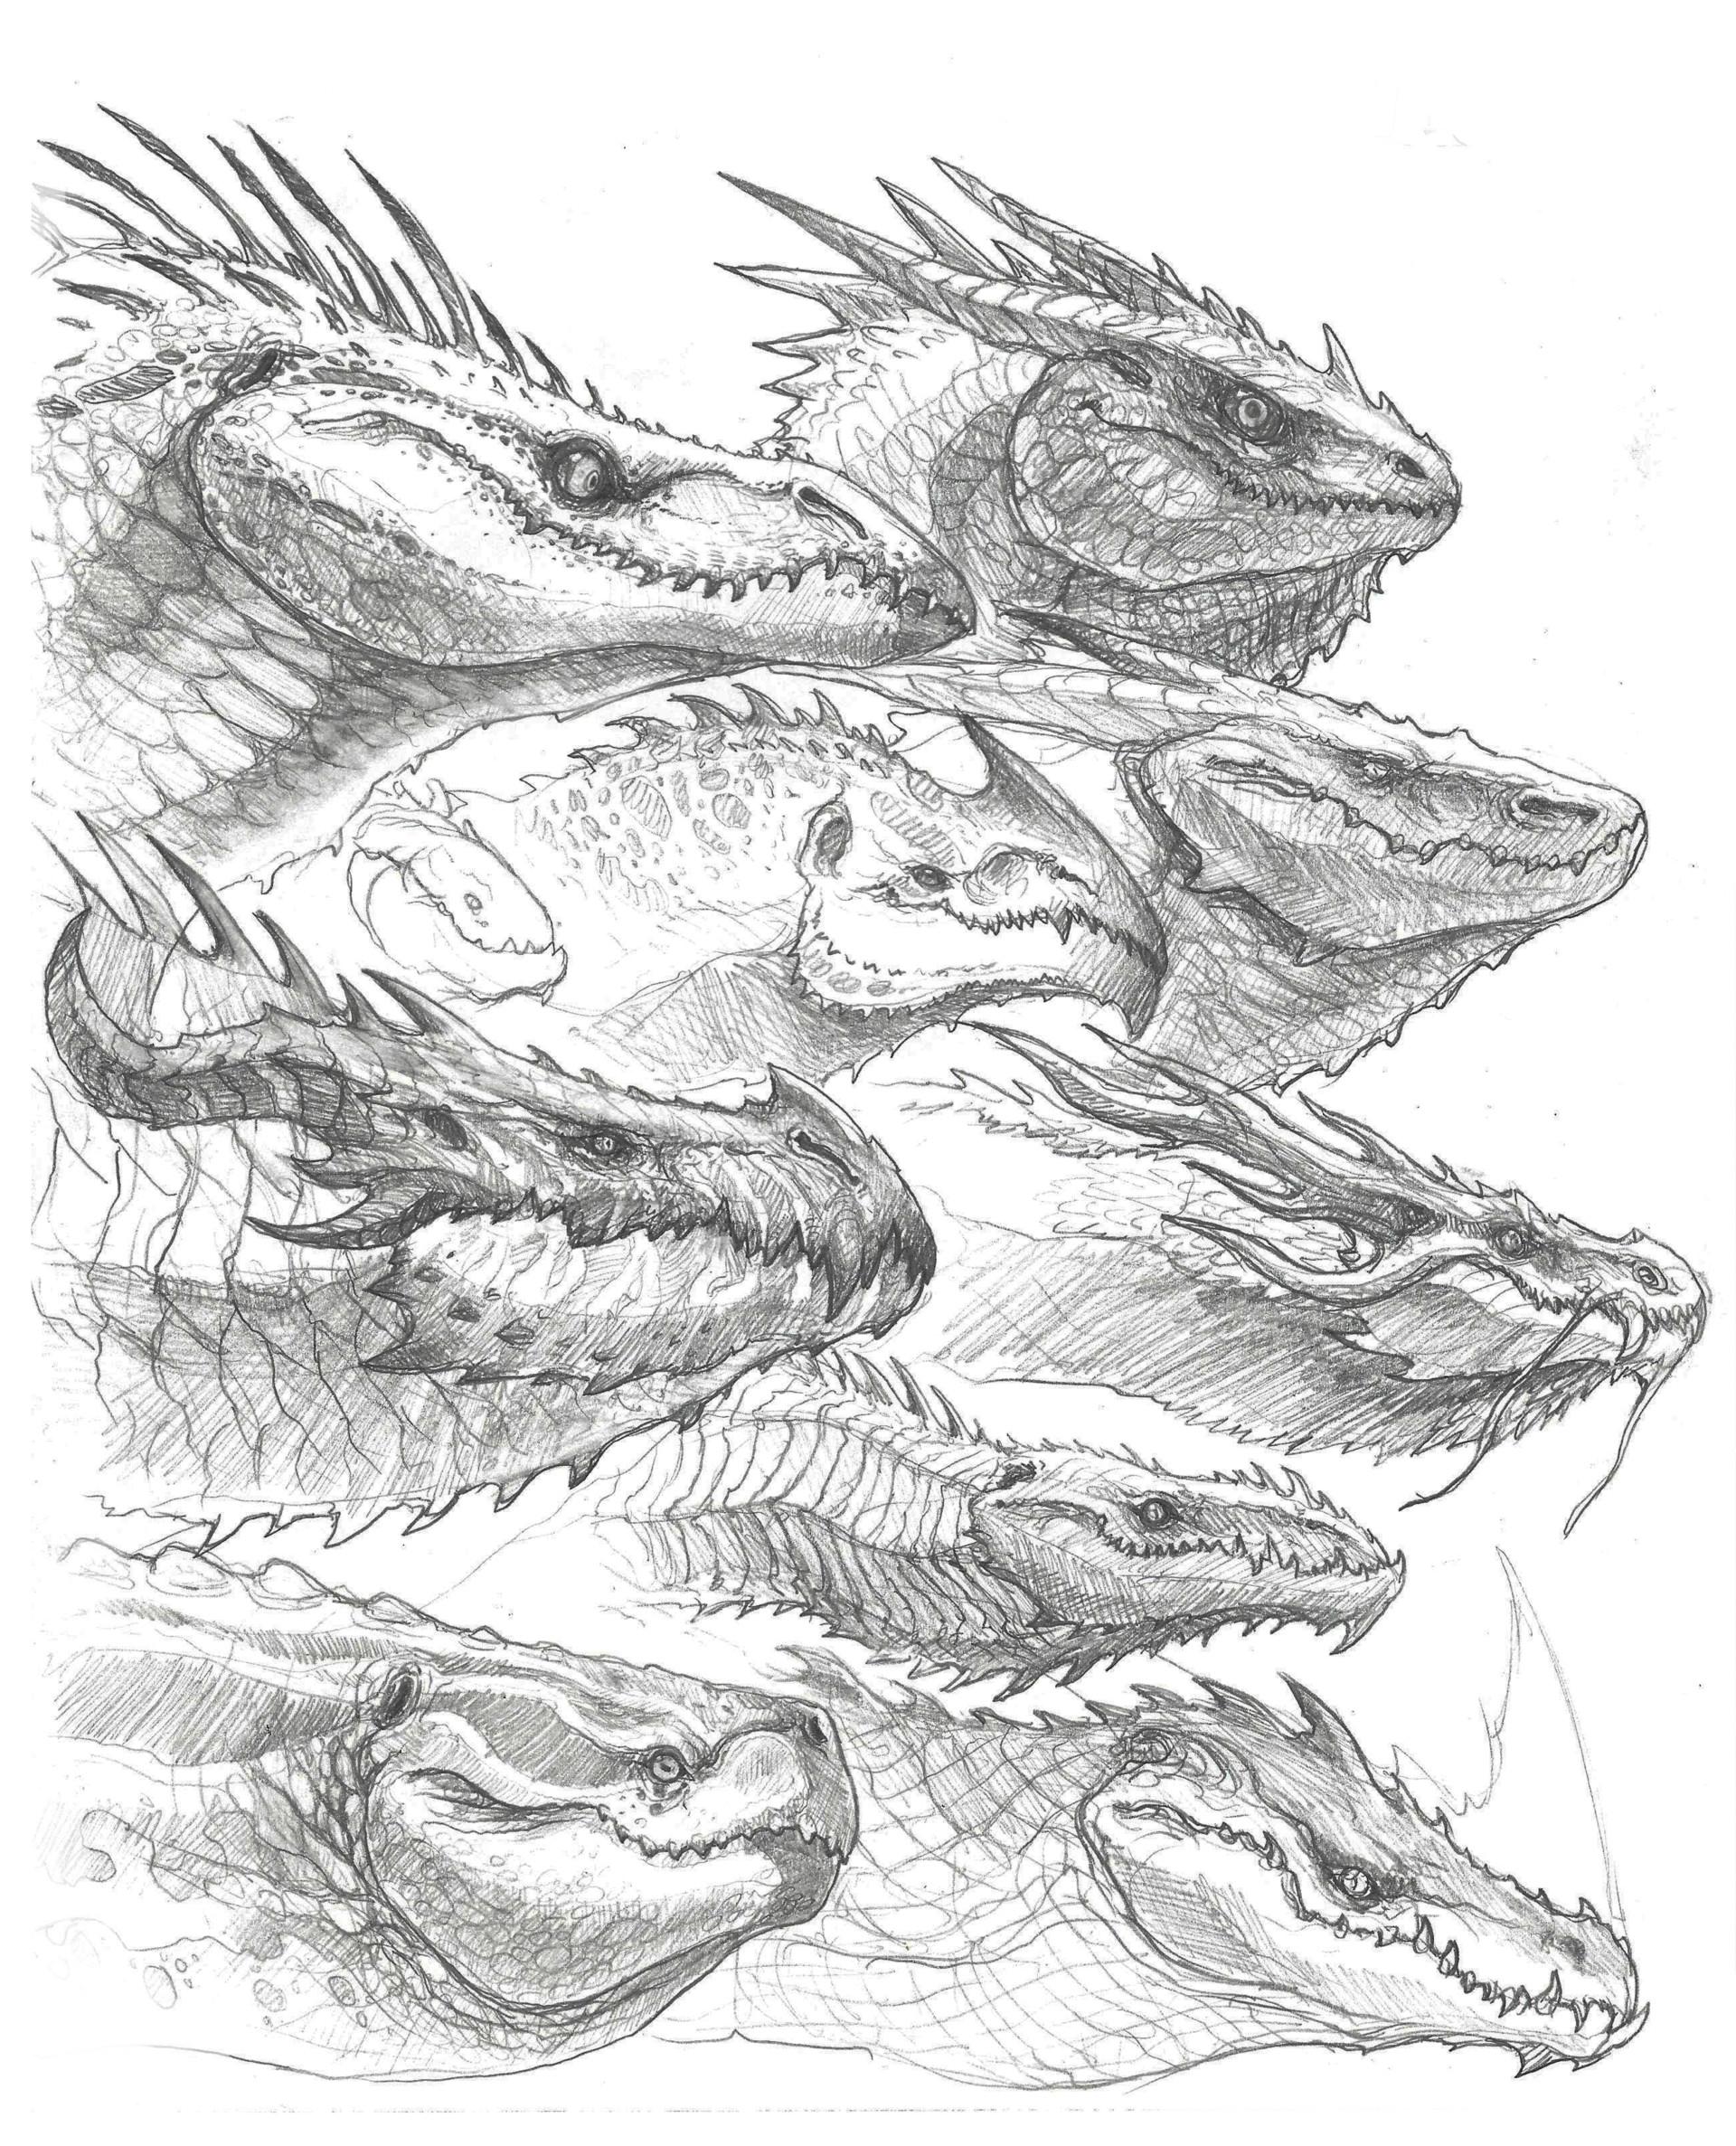 Dragon head sketches